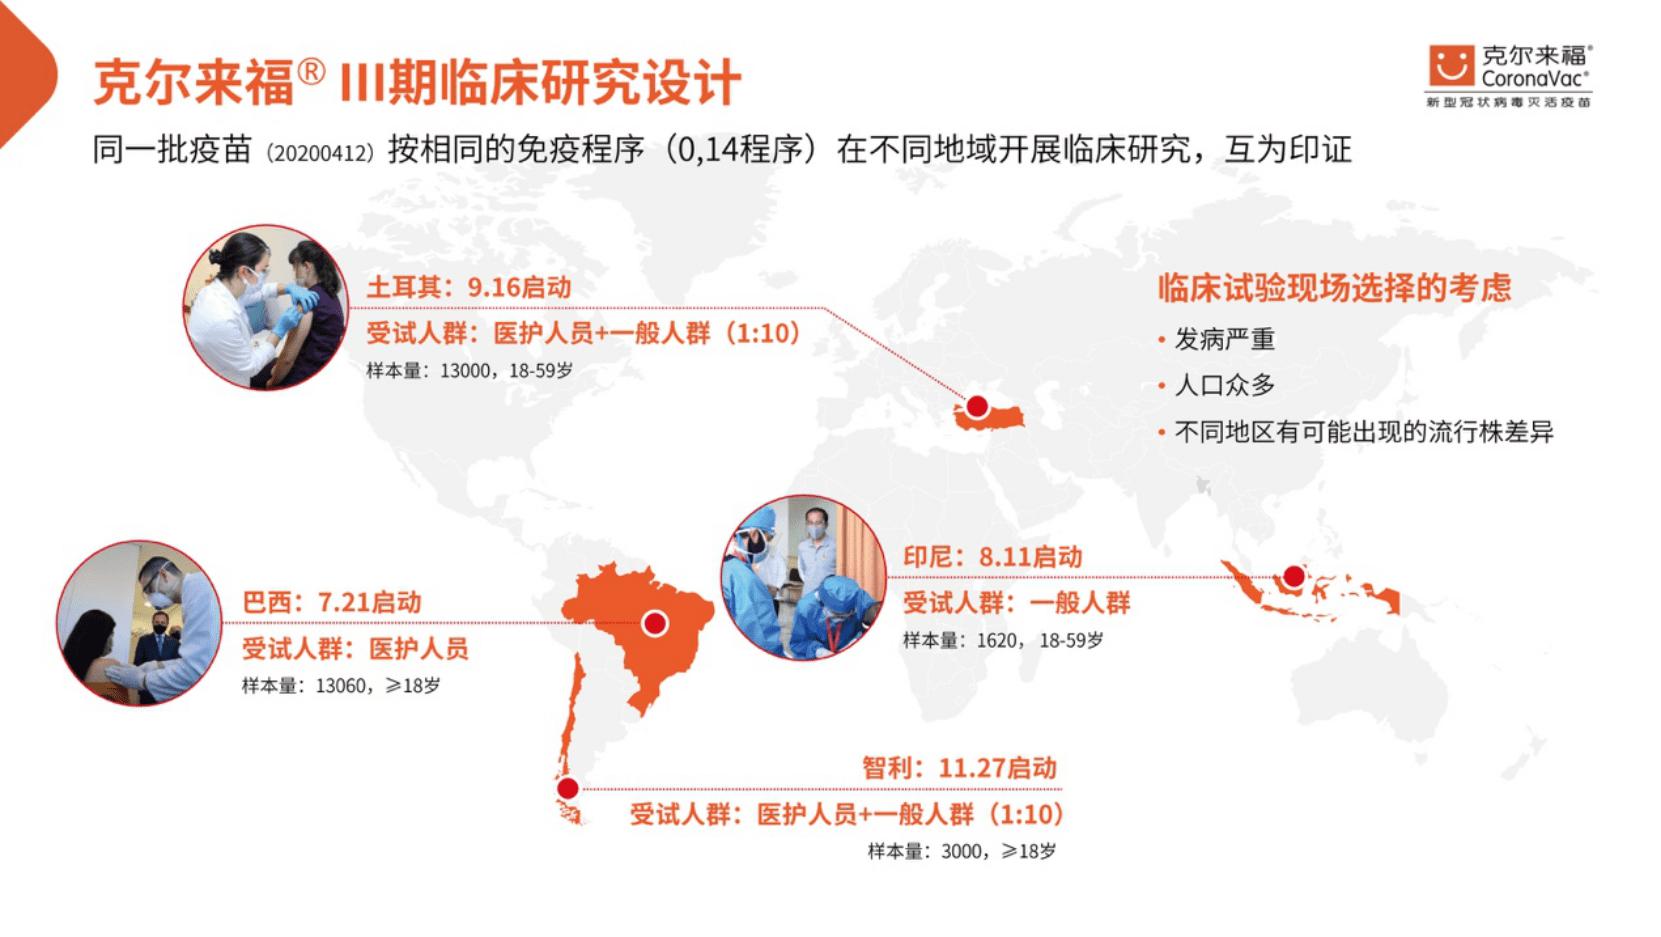 科兴新冠疫苗在20余国家和地区紧急使用 多国为老人优先接种